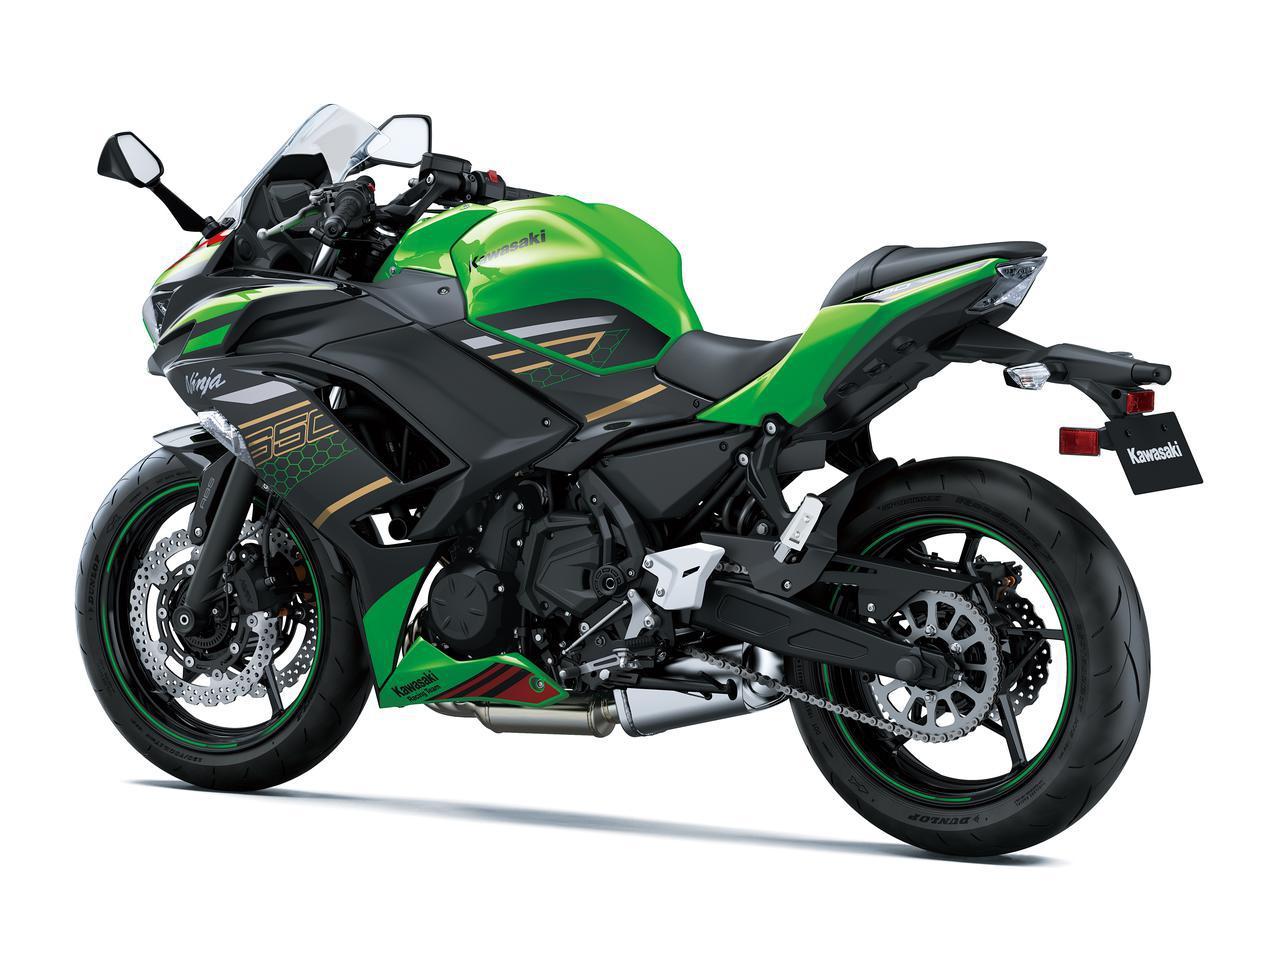 2月1日発売! カワサキ「Ninja650/KRT EDITION」LEDヘッドライトを採用し、よりスポーティなスタイリングに!